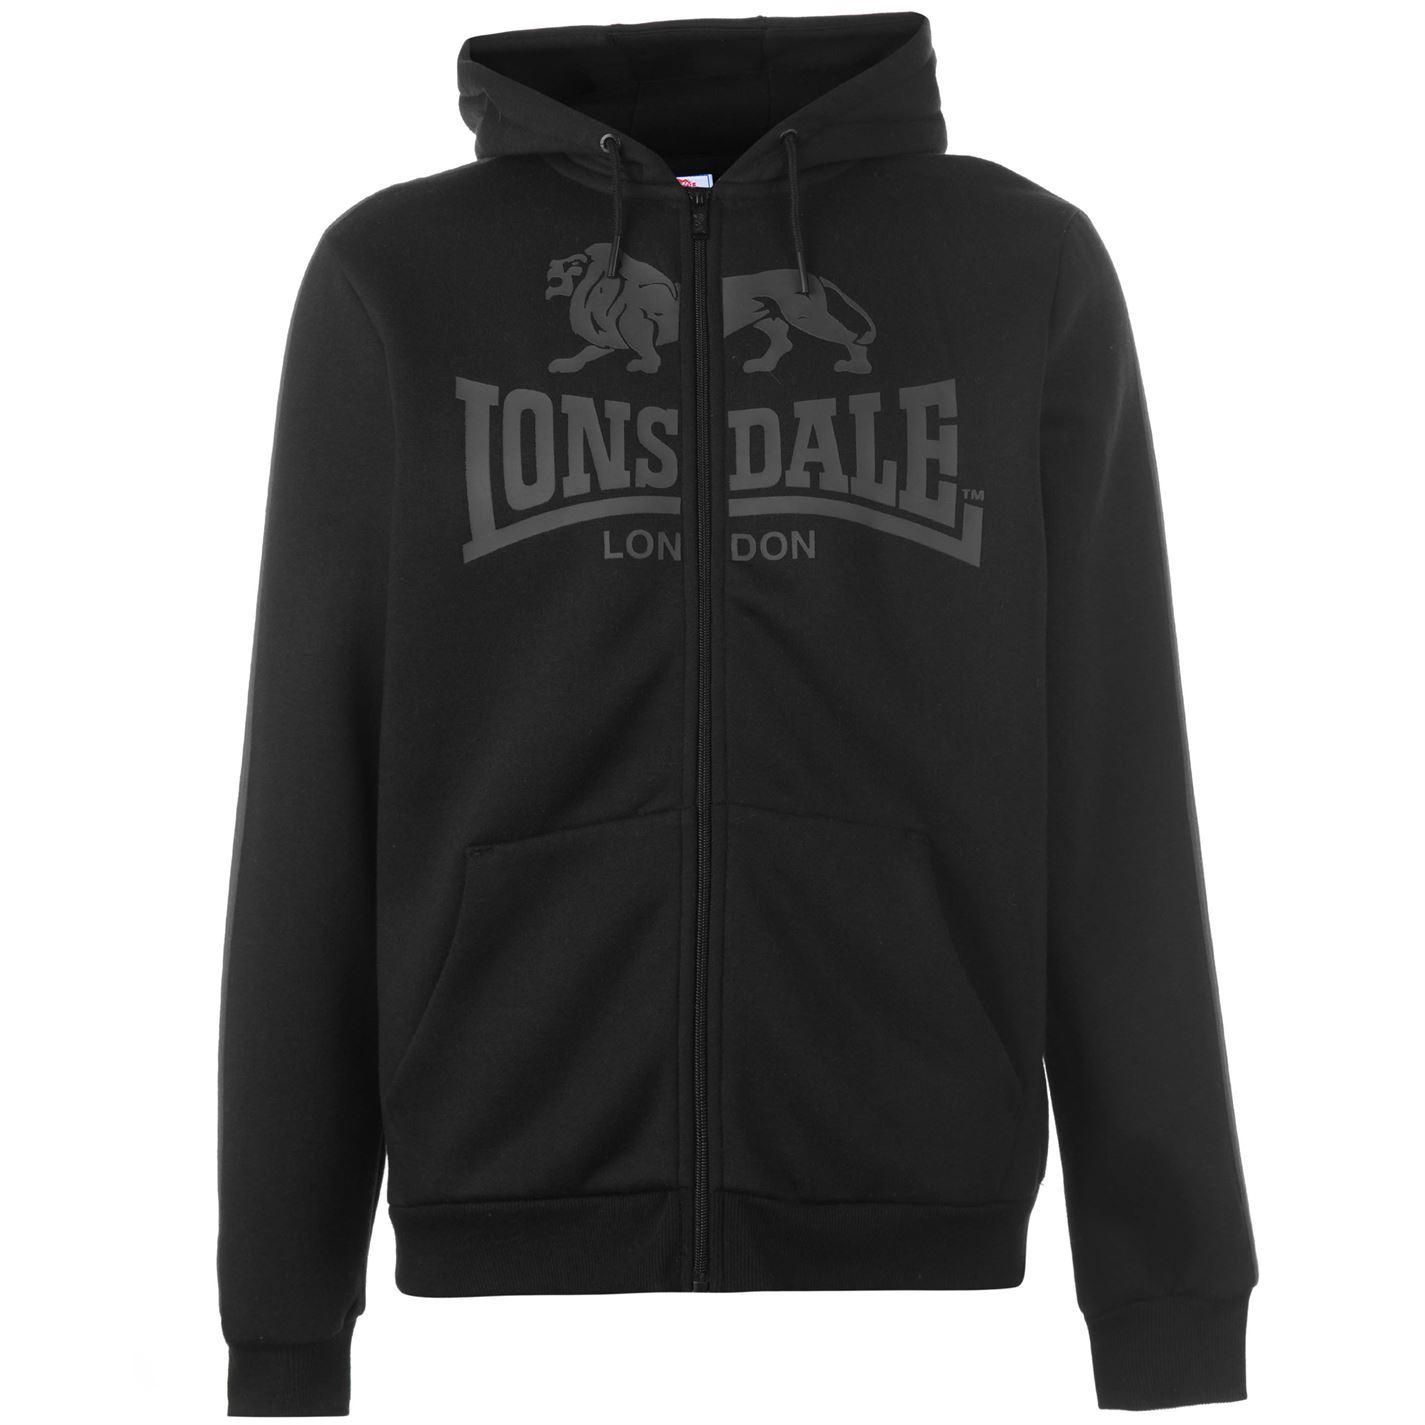 Lonsdale-2-Stripe-Logo-Full-Zip-Hoody-Mens-Hoodie-Top-Sweatshirt-Sweater thumbnail 6